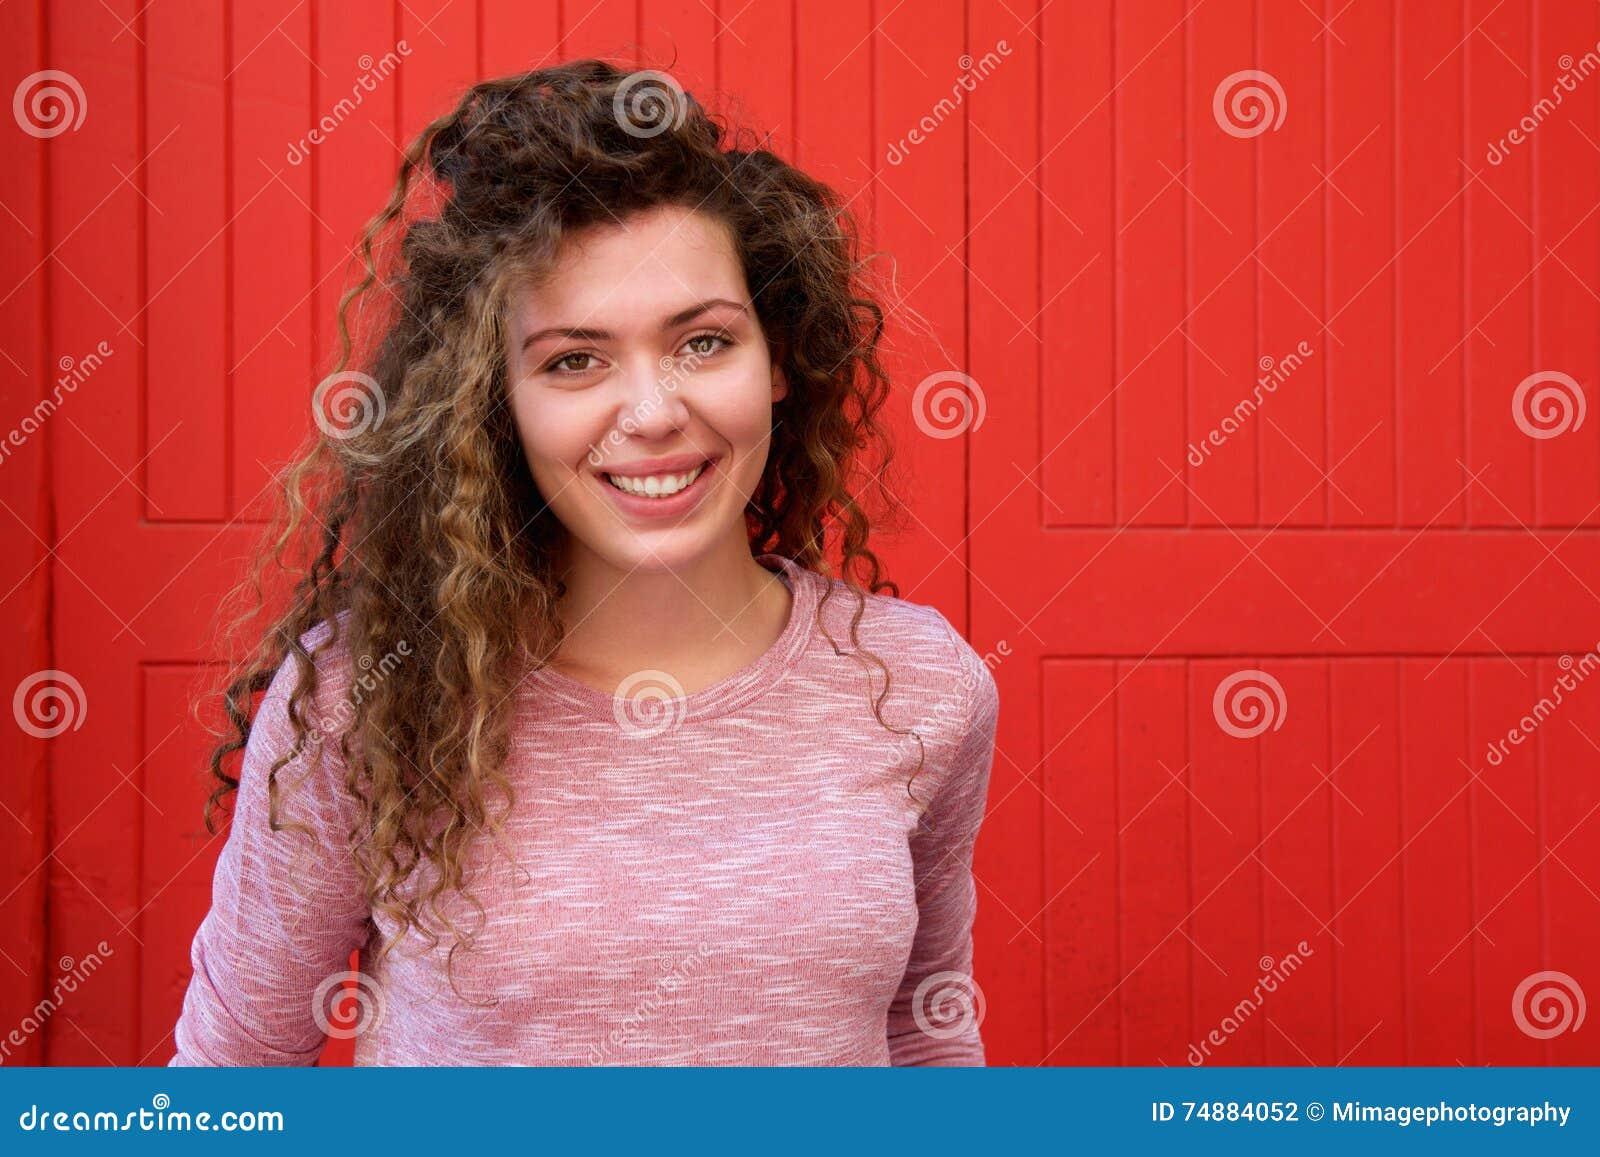 Piękna nastoletnia dziewczyna ono uśmiecha się przeciw czerwieni ścianie